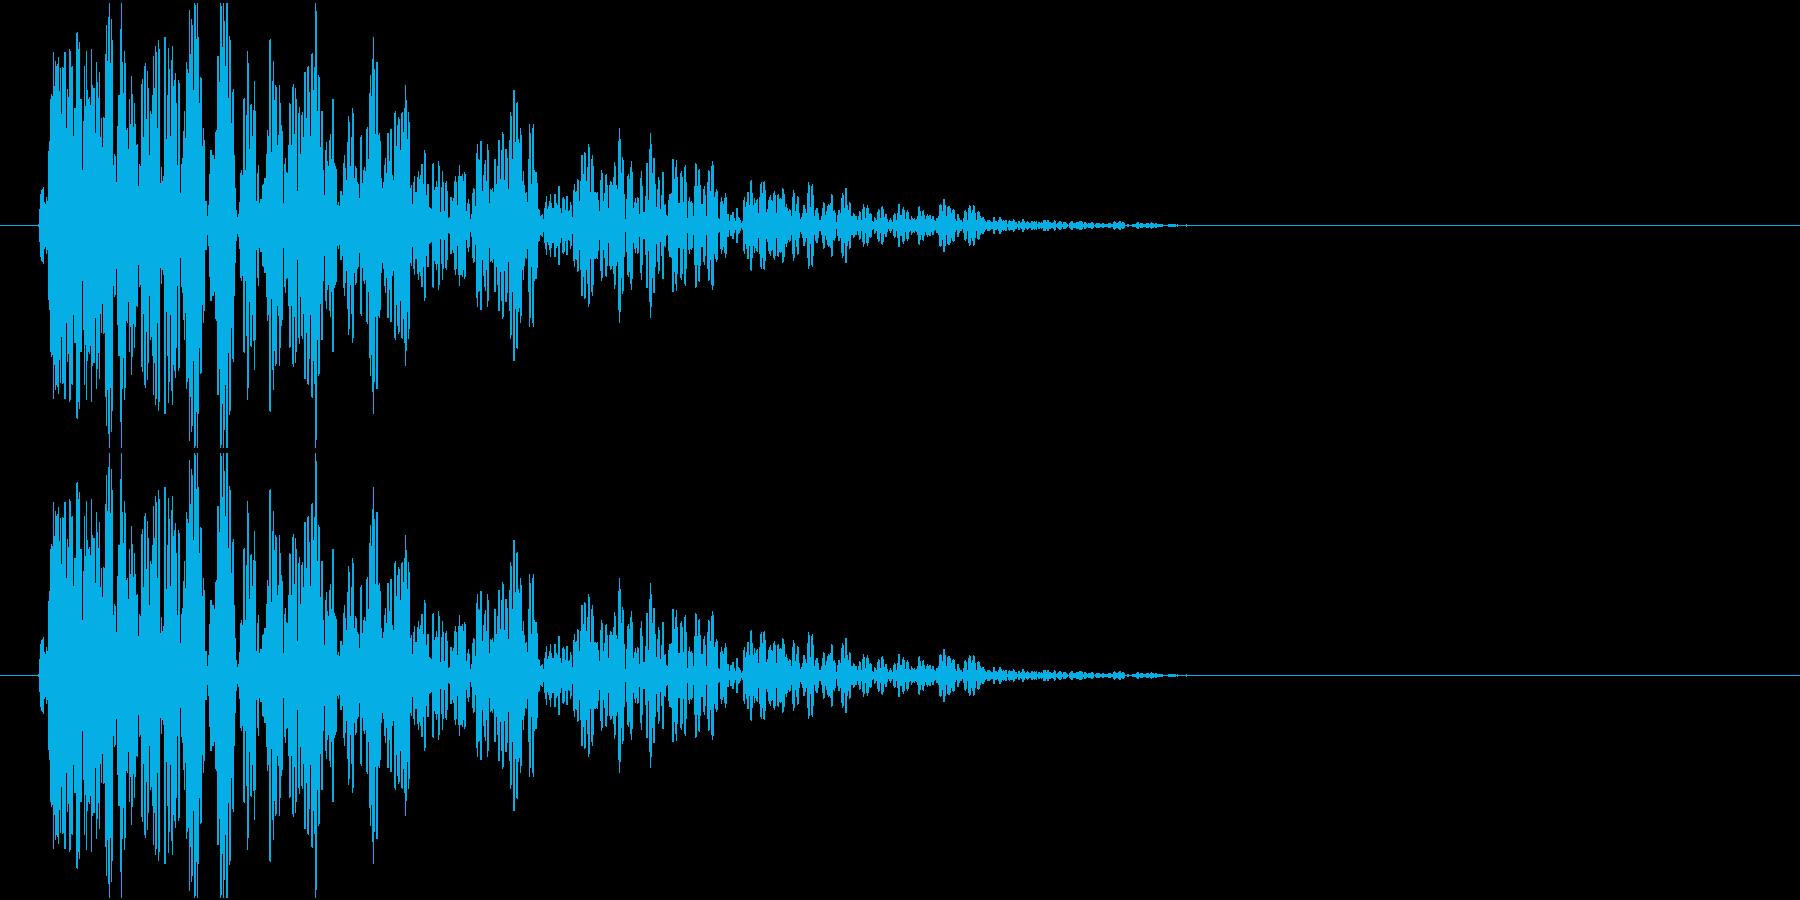 爆発、地響き、衝撃音 低音系の再生済みの波形